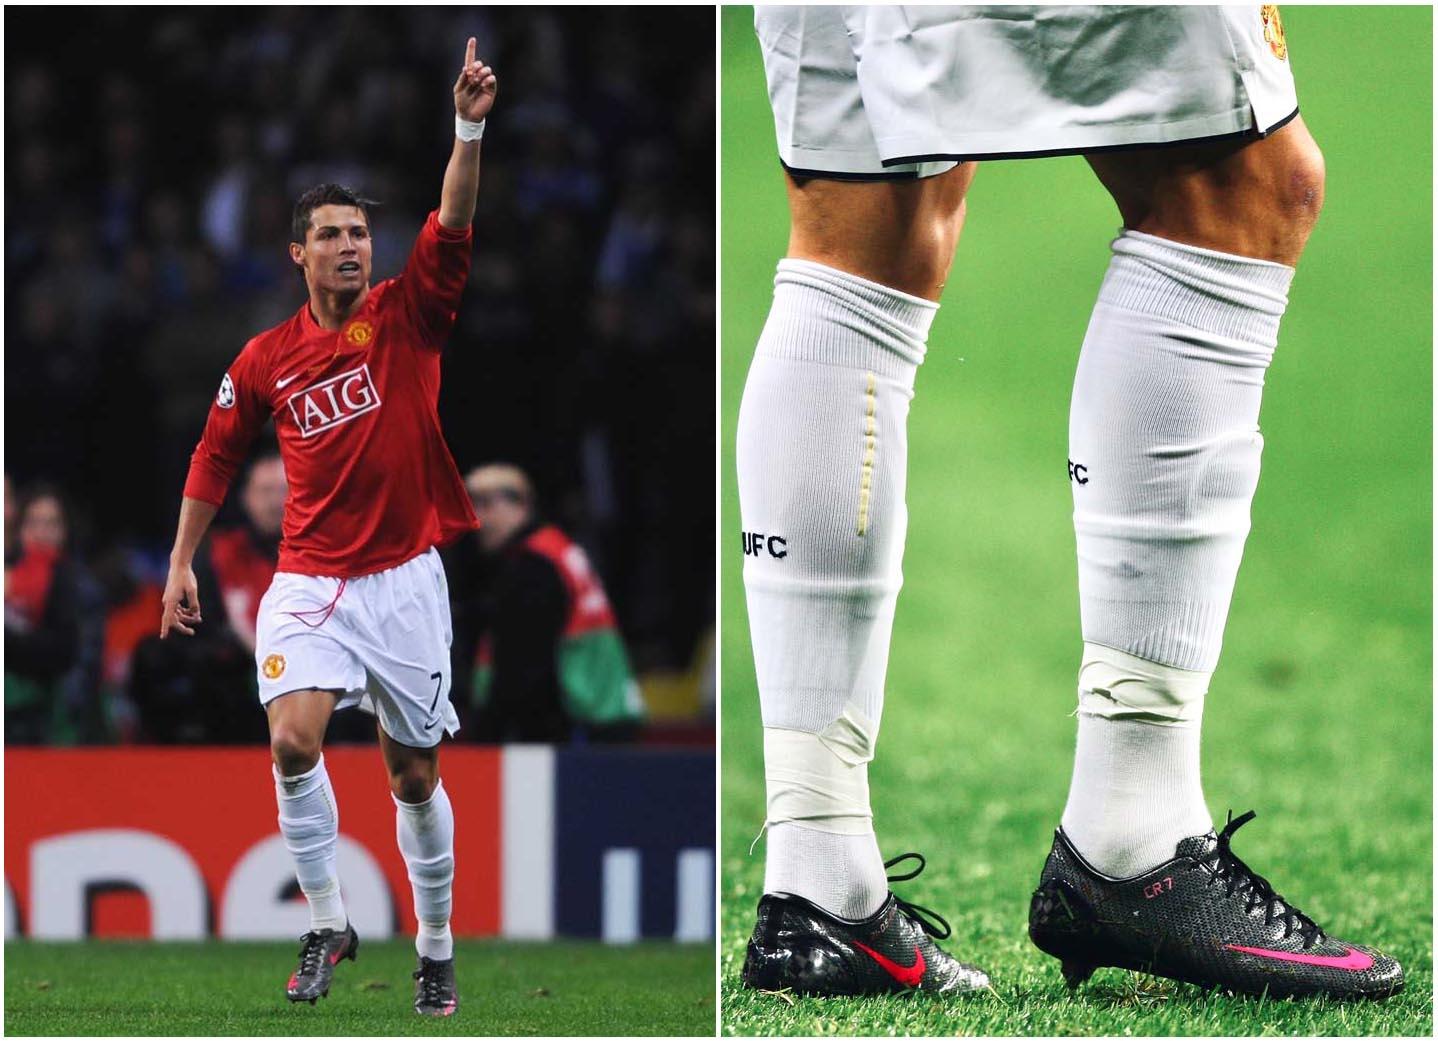 Ronaldo CR7 thời kỳ bắt đầu tỏa sáng tại Manchester United